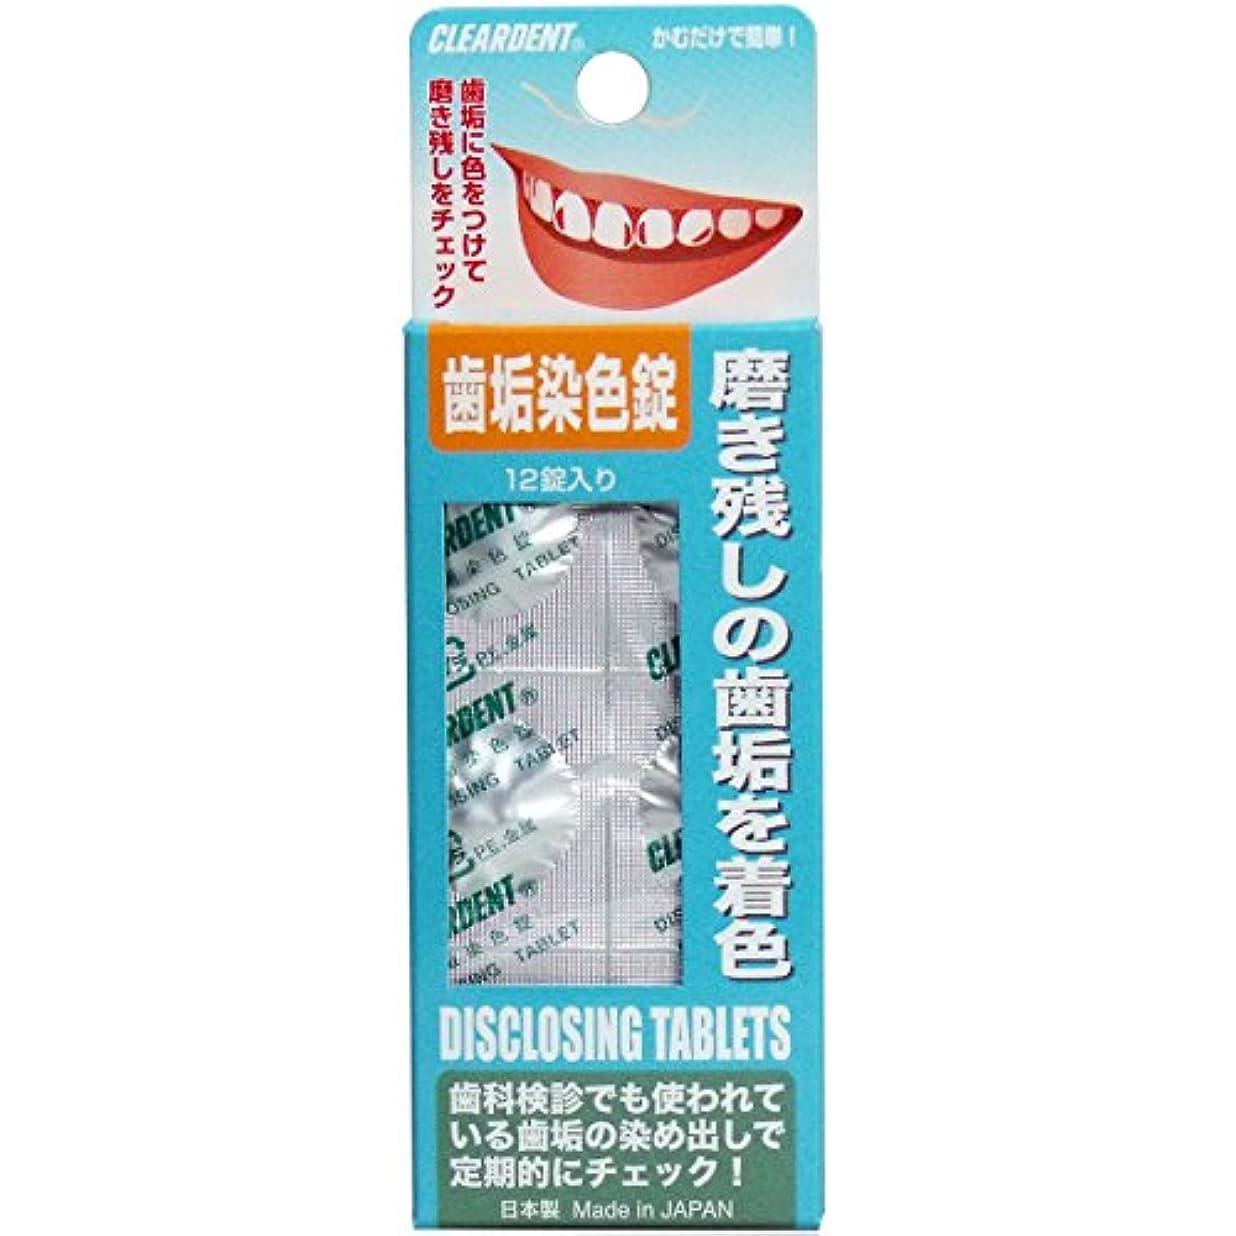 ポケット圧倒的ピッチャークリアデント歯垢染色錠 12錠